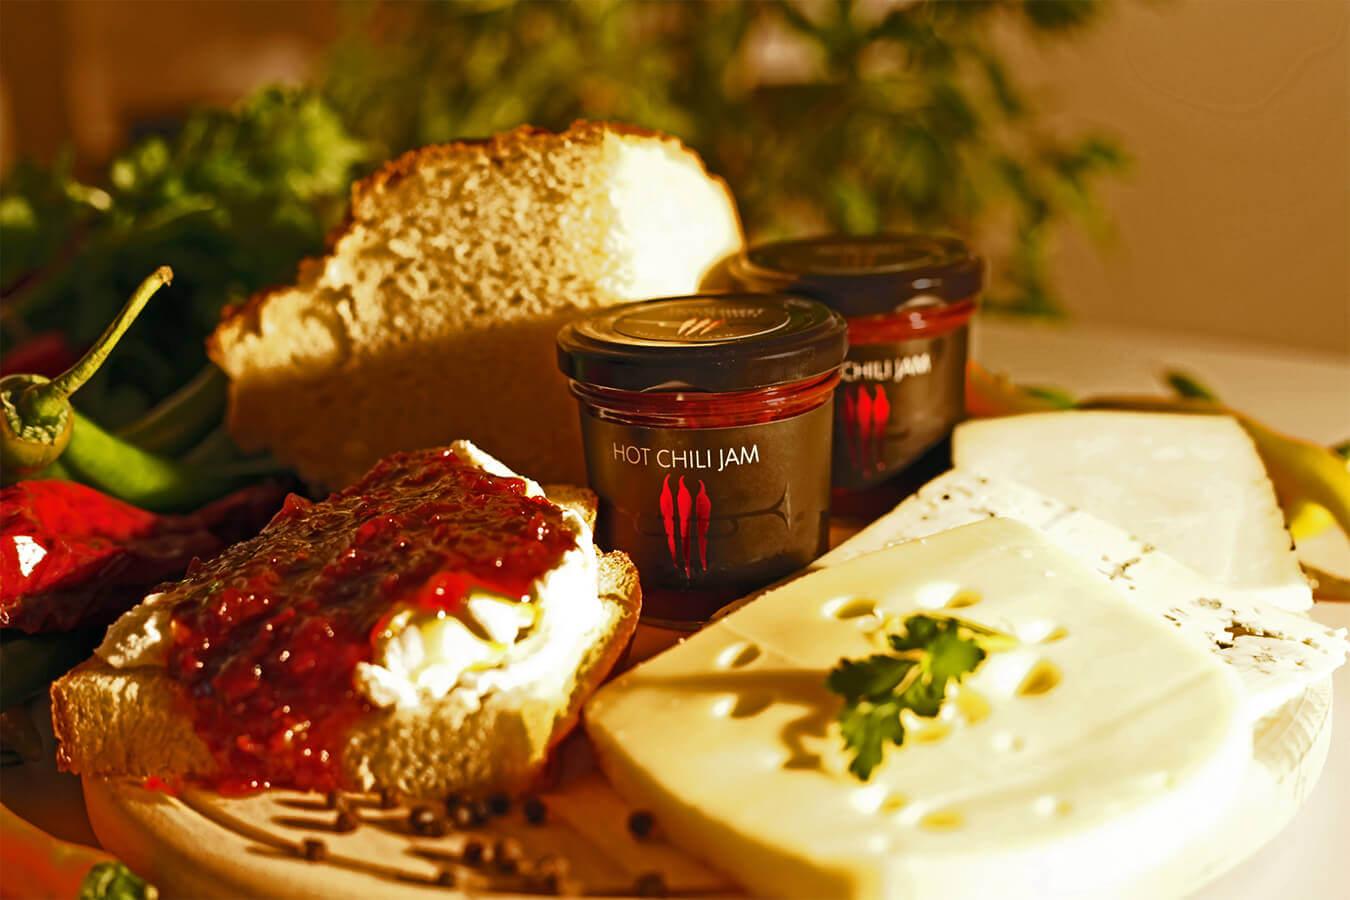 Hot chili jam